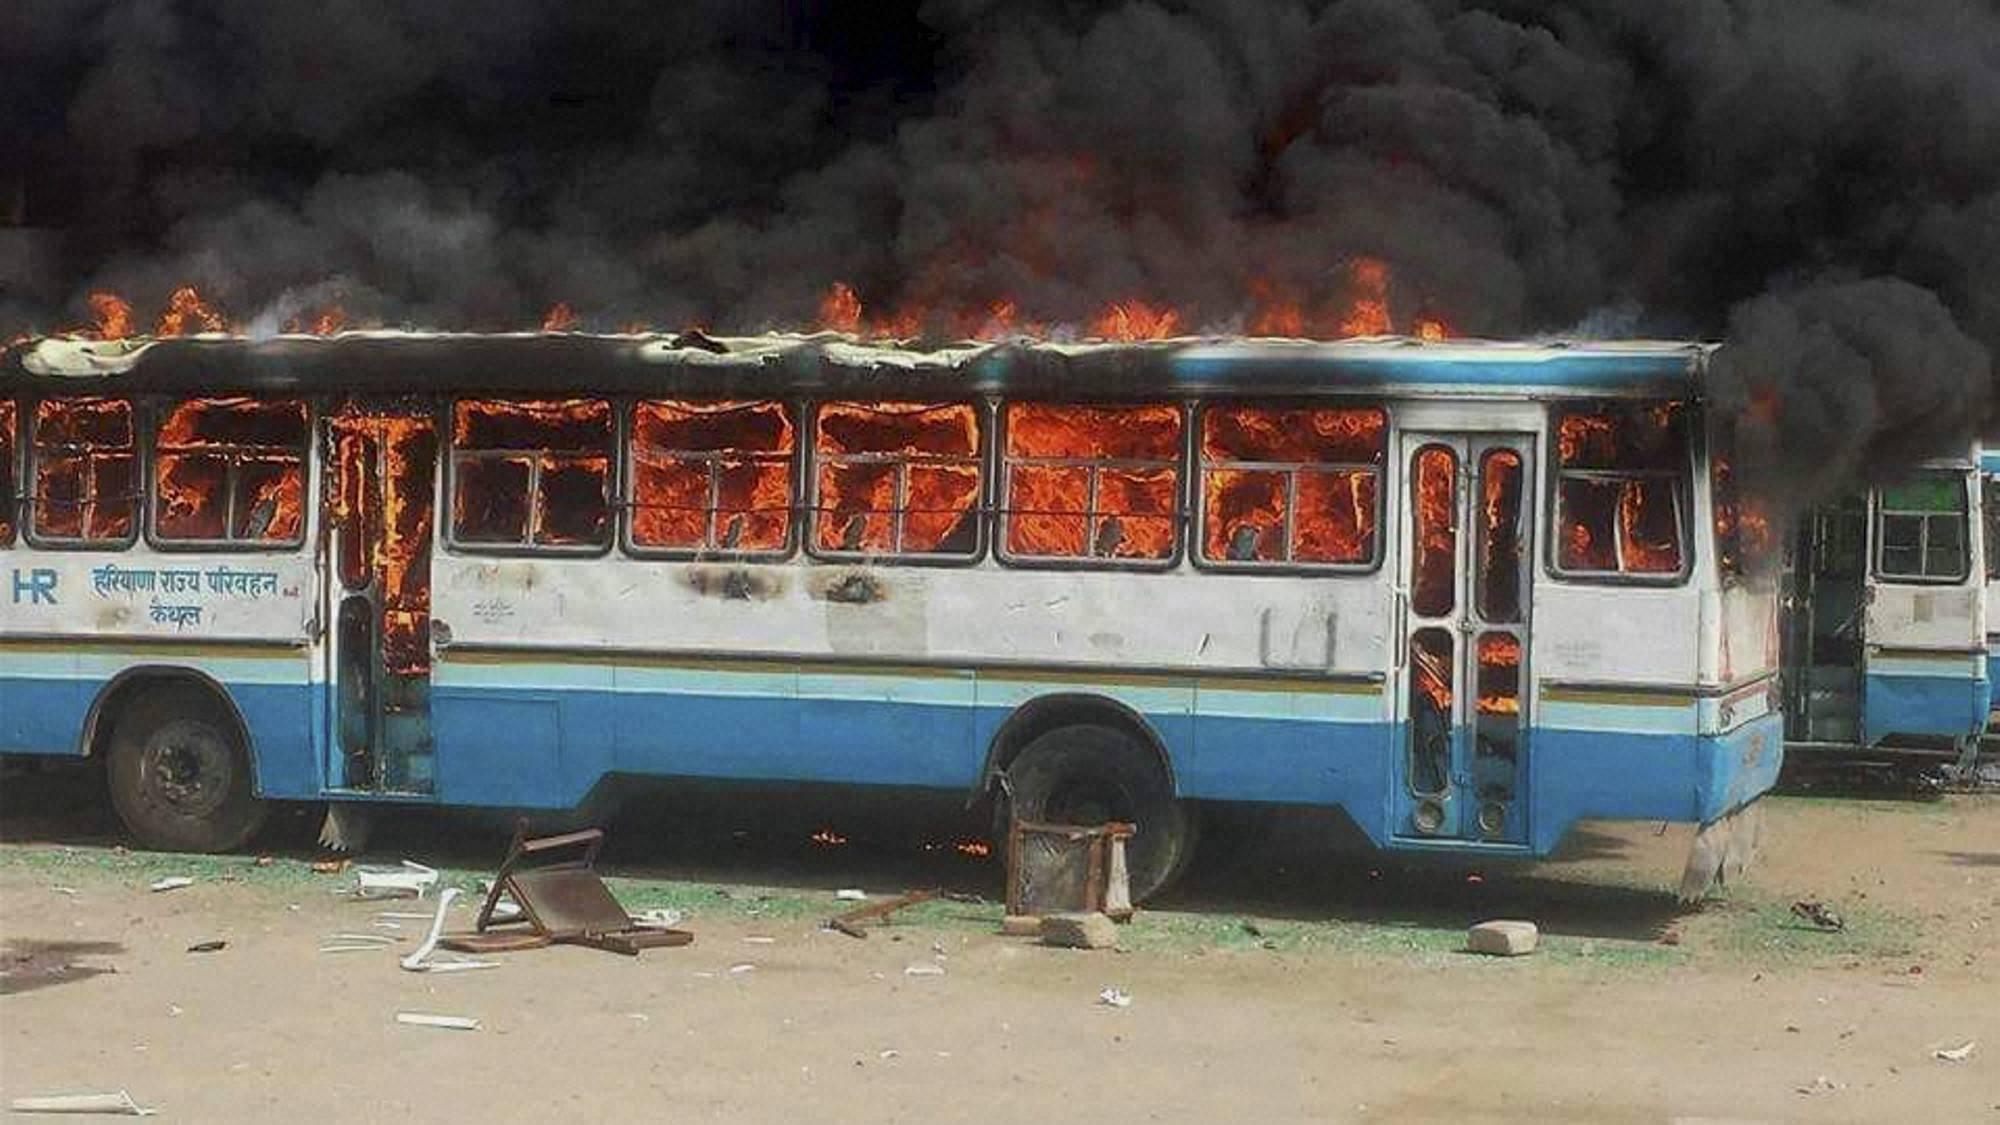 印度北部哈里亚纳邦高种姓贾特人示威要求获得类似低种姓人的福利配额,演变为暴力骚乱。图为示威者焚烧的车辆。